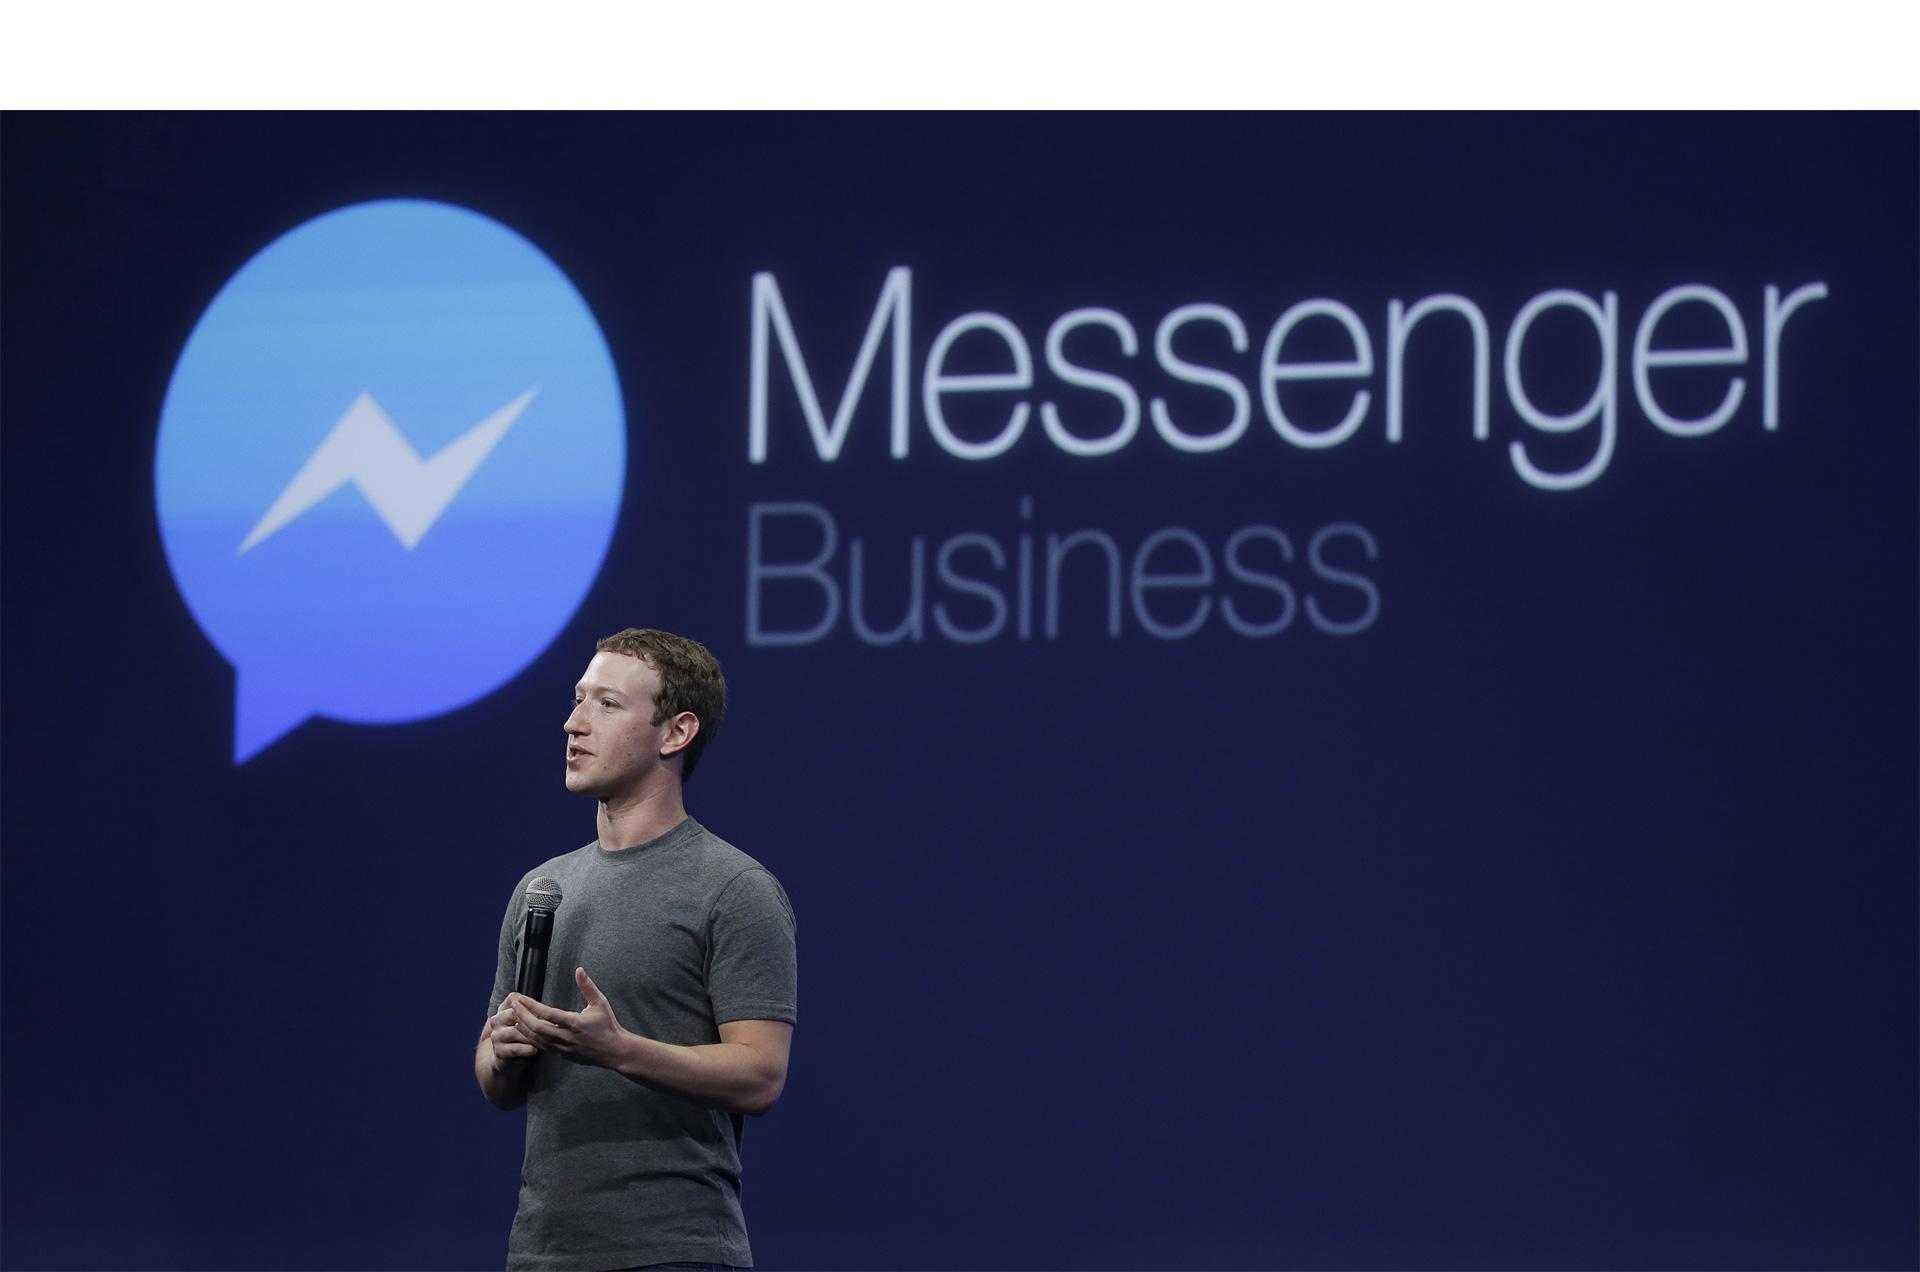 La nueva función está en período de prueba en Francia, y puede ser el principio de una nueva aplicación creada por Zuckerberg